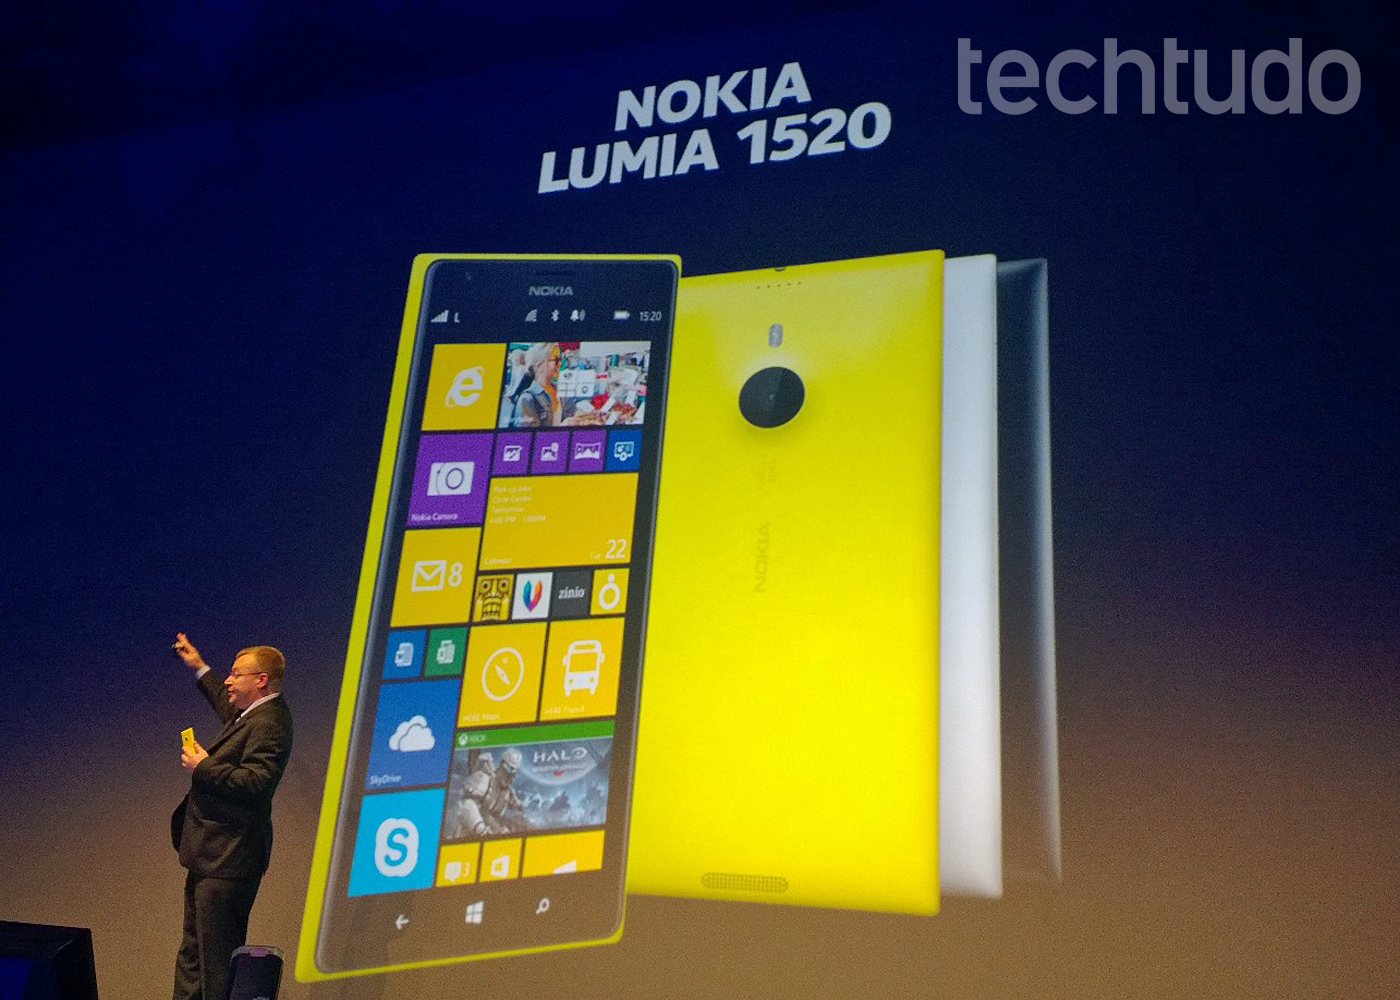 Lumia 1520, um foblet com tela de 6 polegadas (Foto: Allan Melo / TechTudo)